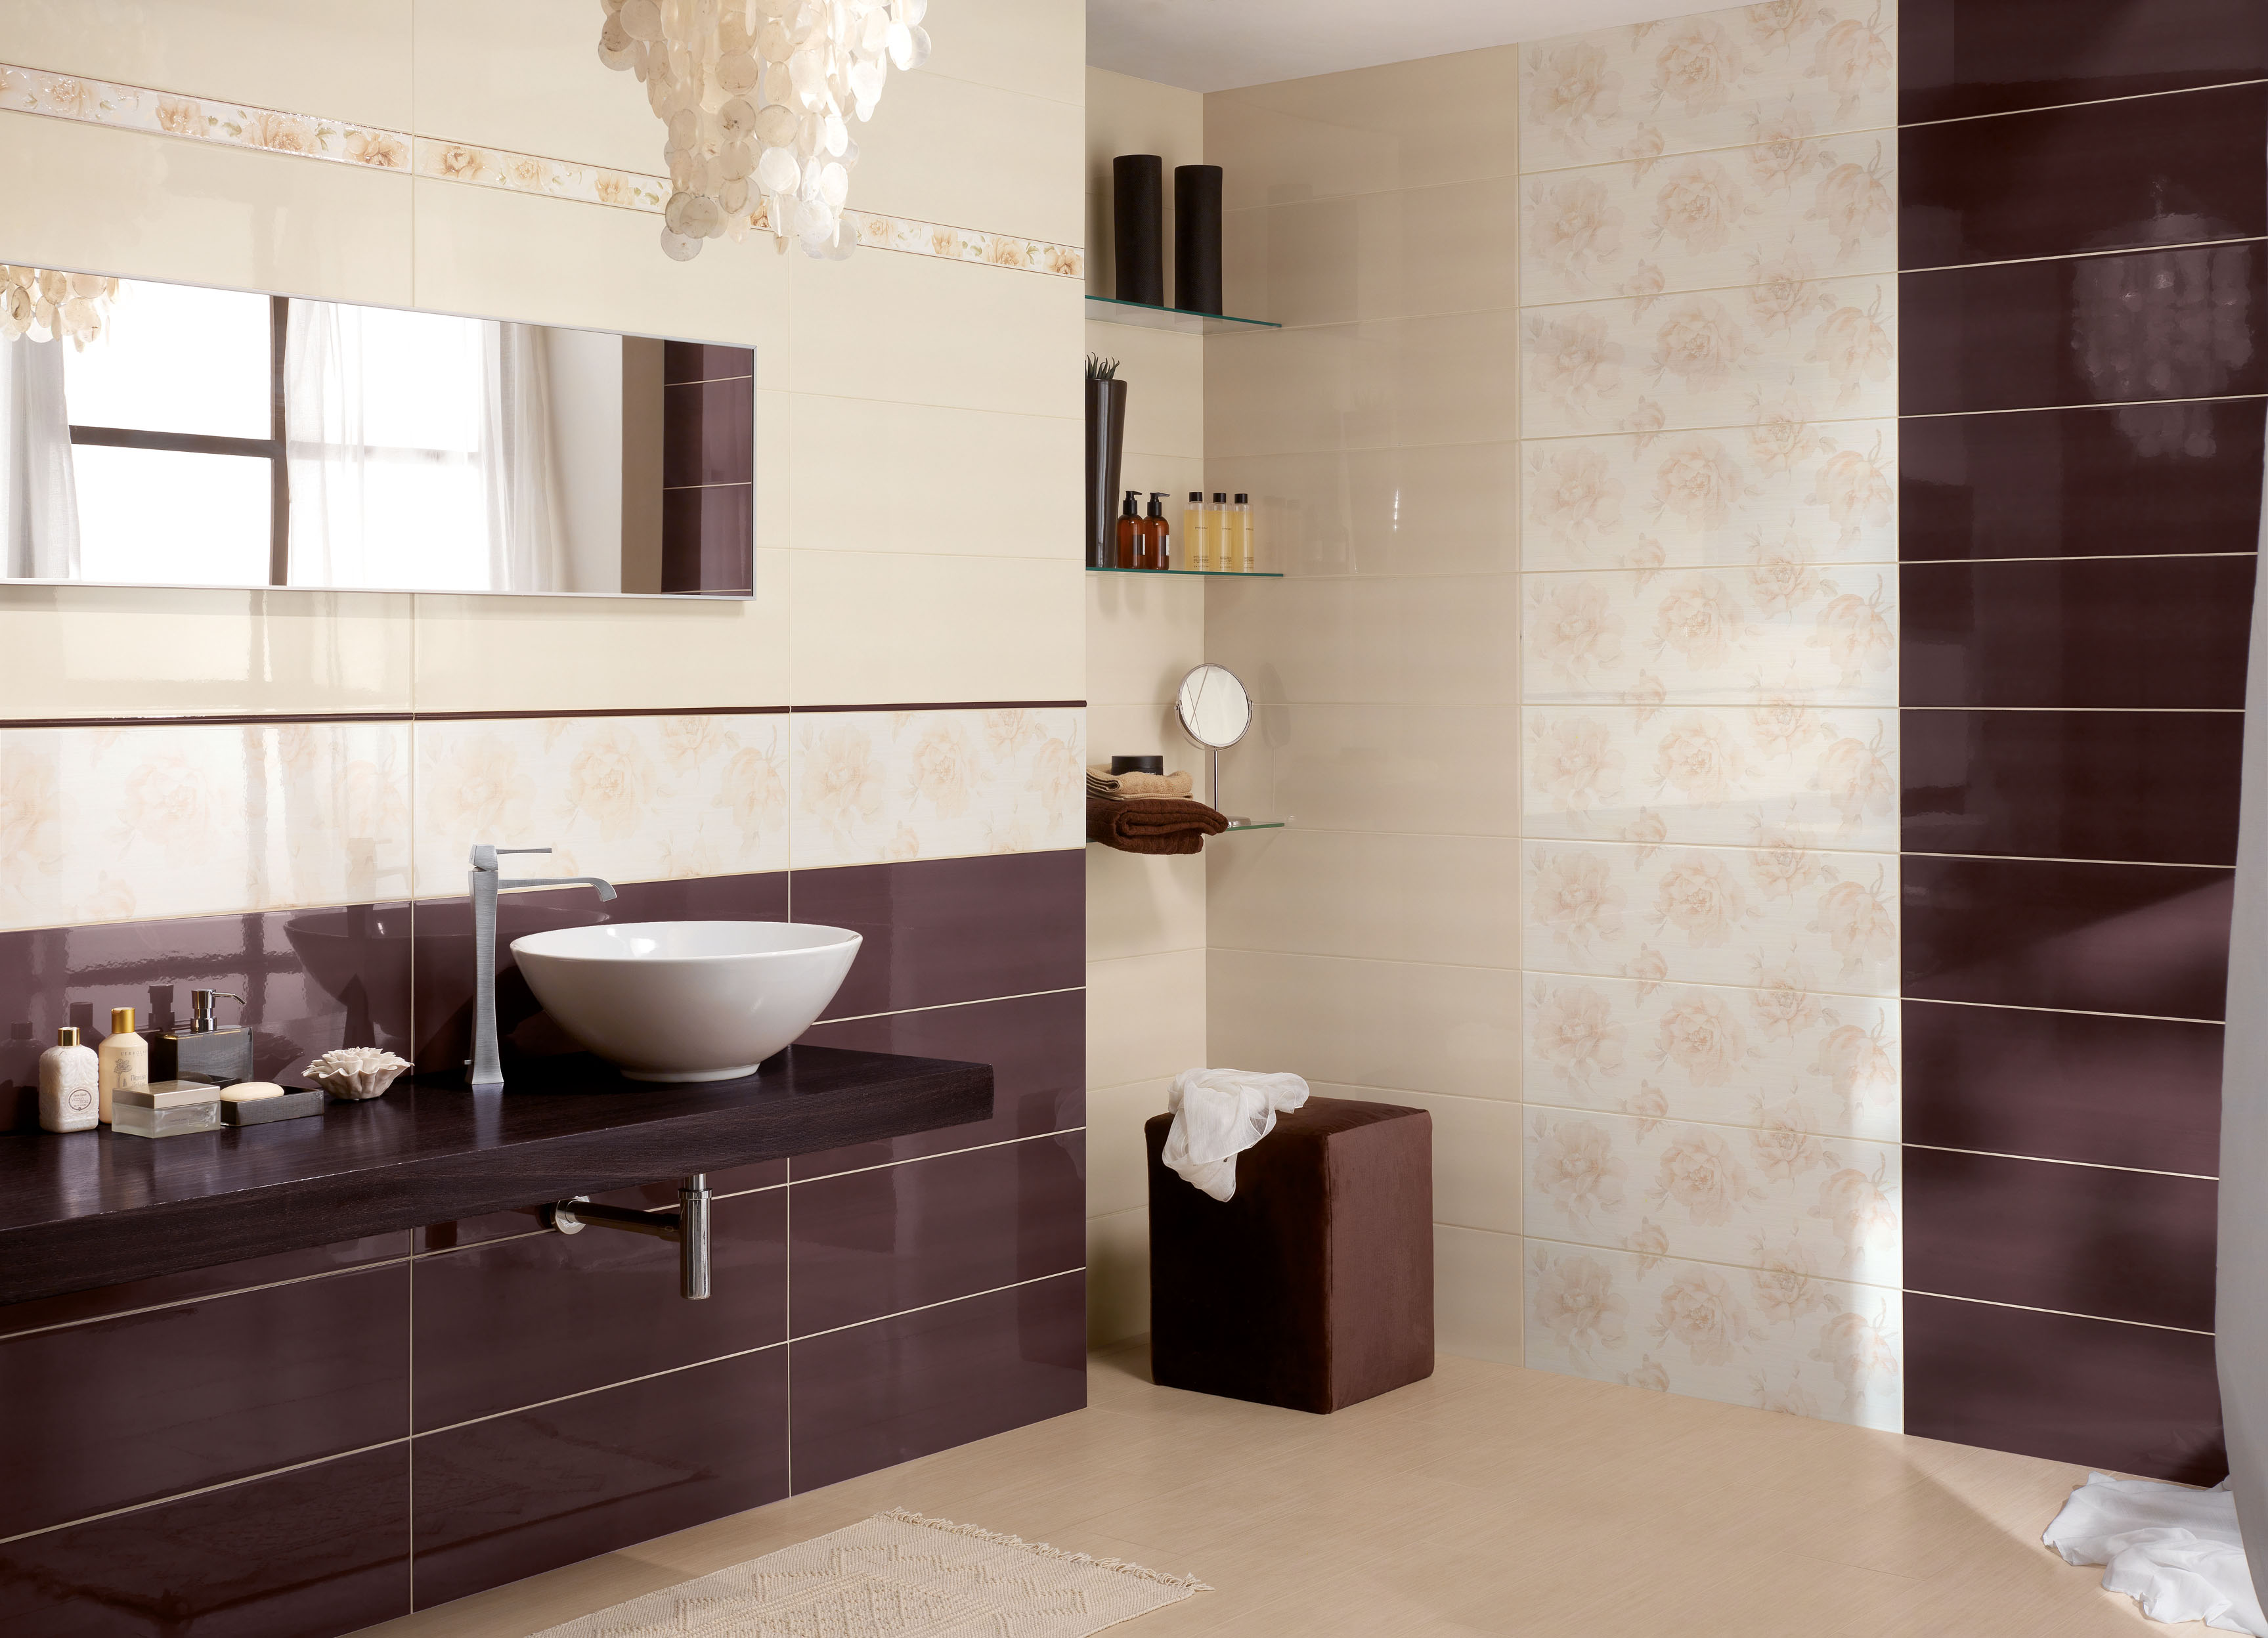 rivestimento bagno beige e marrone ~ Comarg.com = Lussuoso Design ...